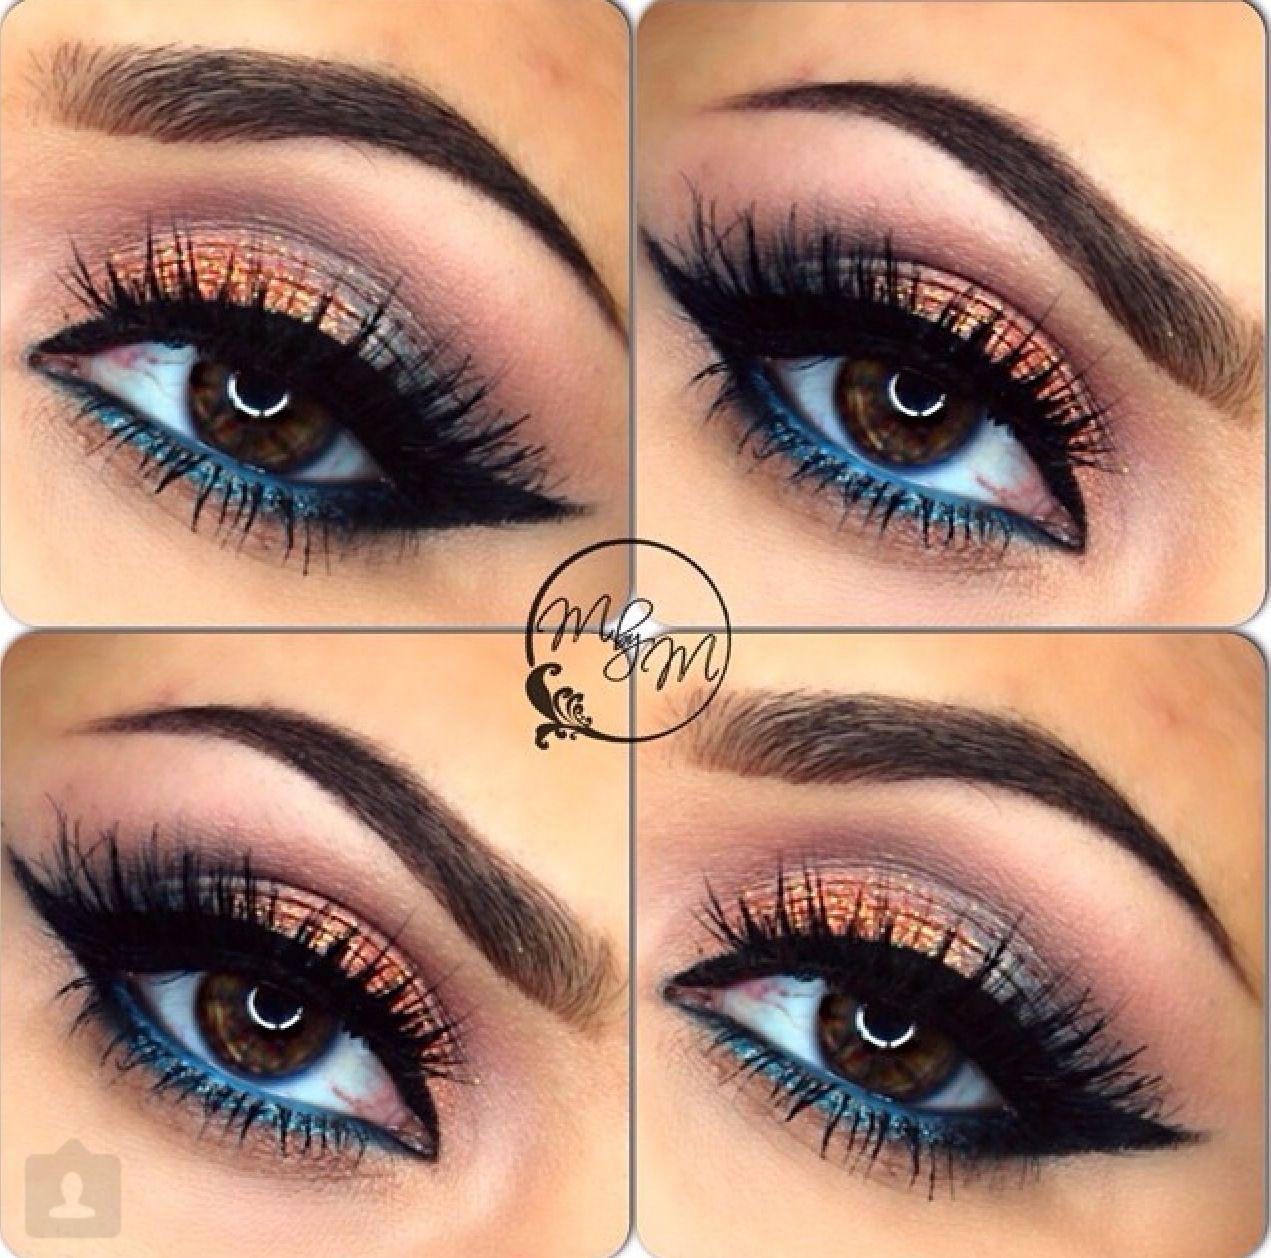 Makiaas ir makiaas pinterest makeup eye and makeup ideas kiss makeup baditri Images